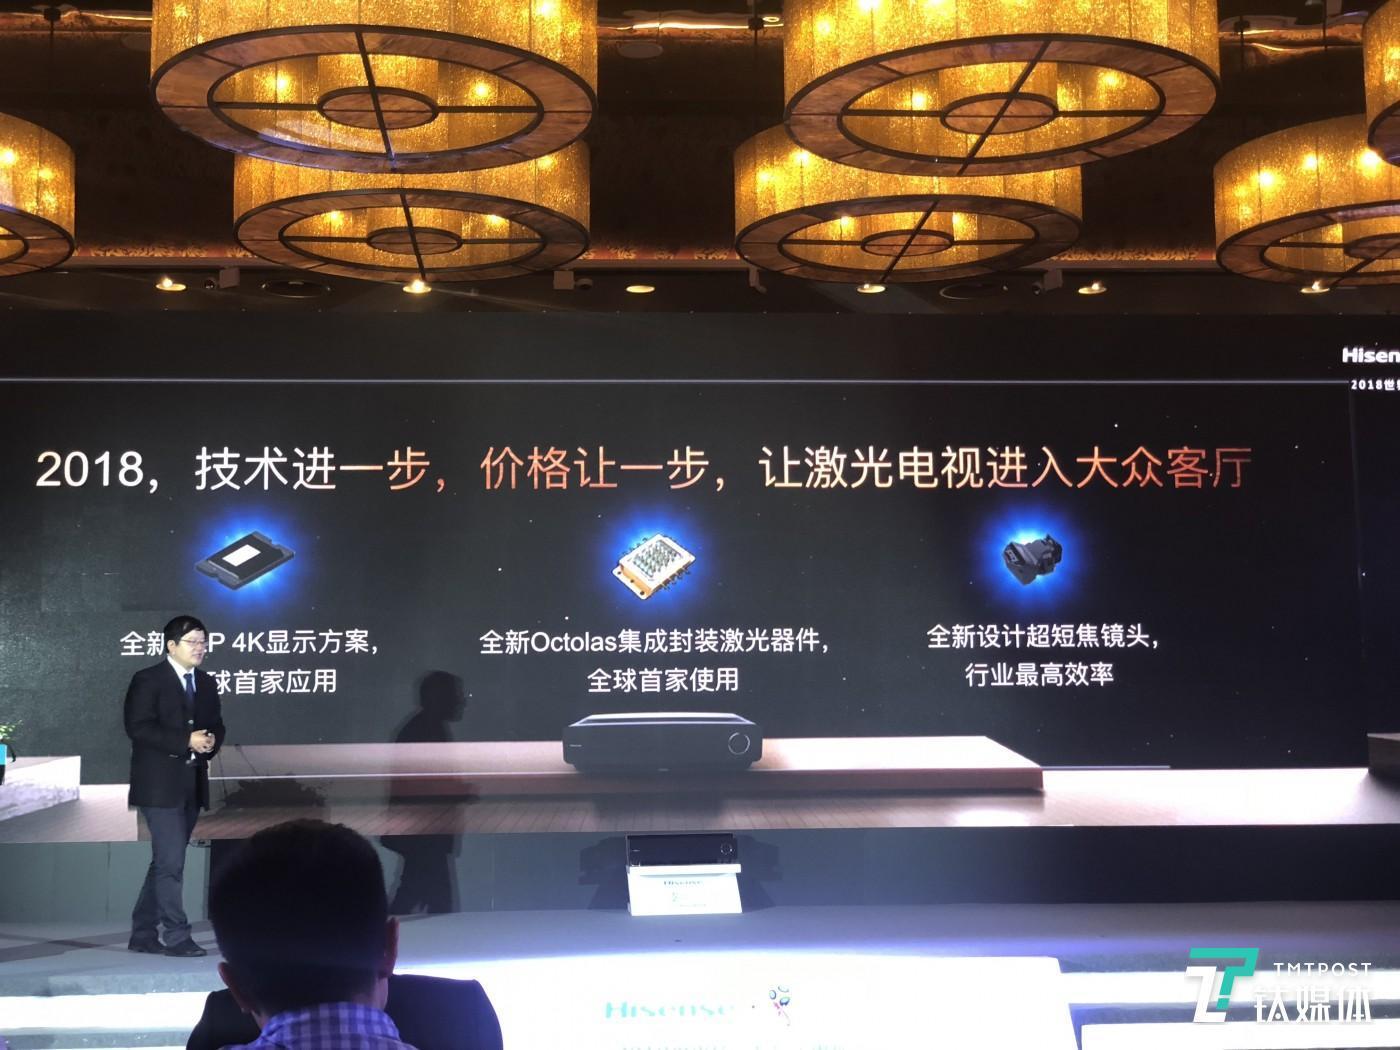 海信激光电视的技术革命